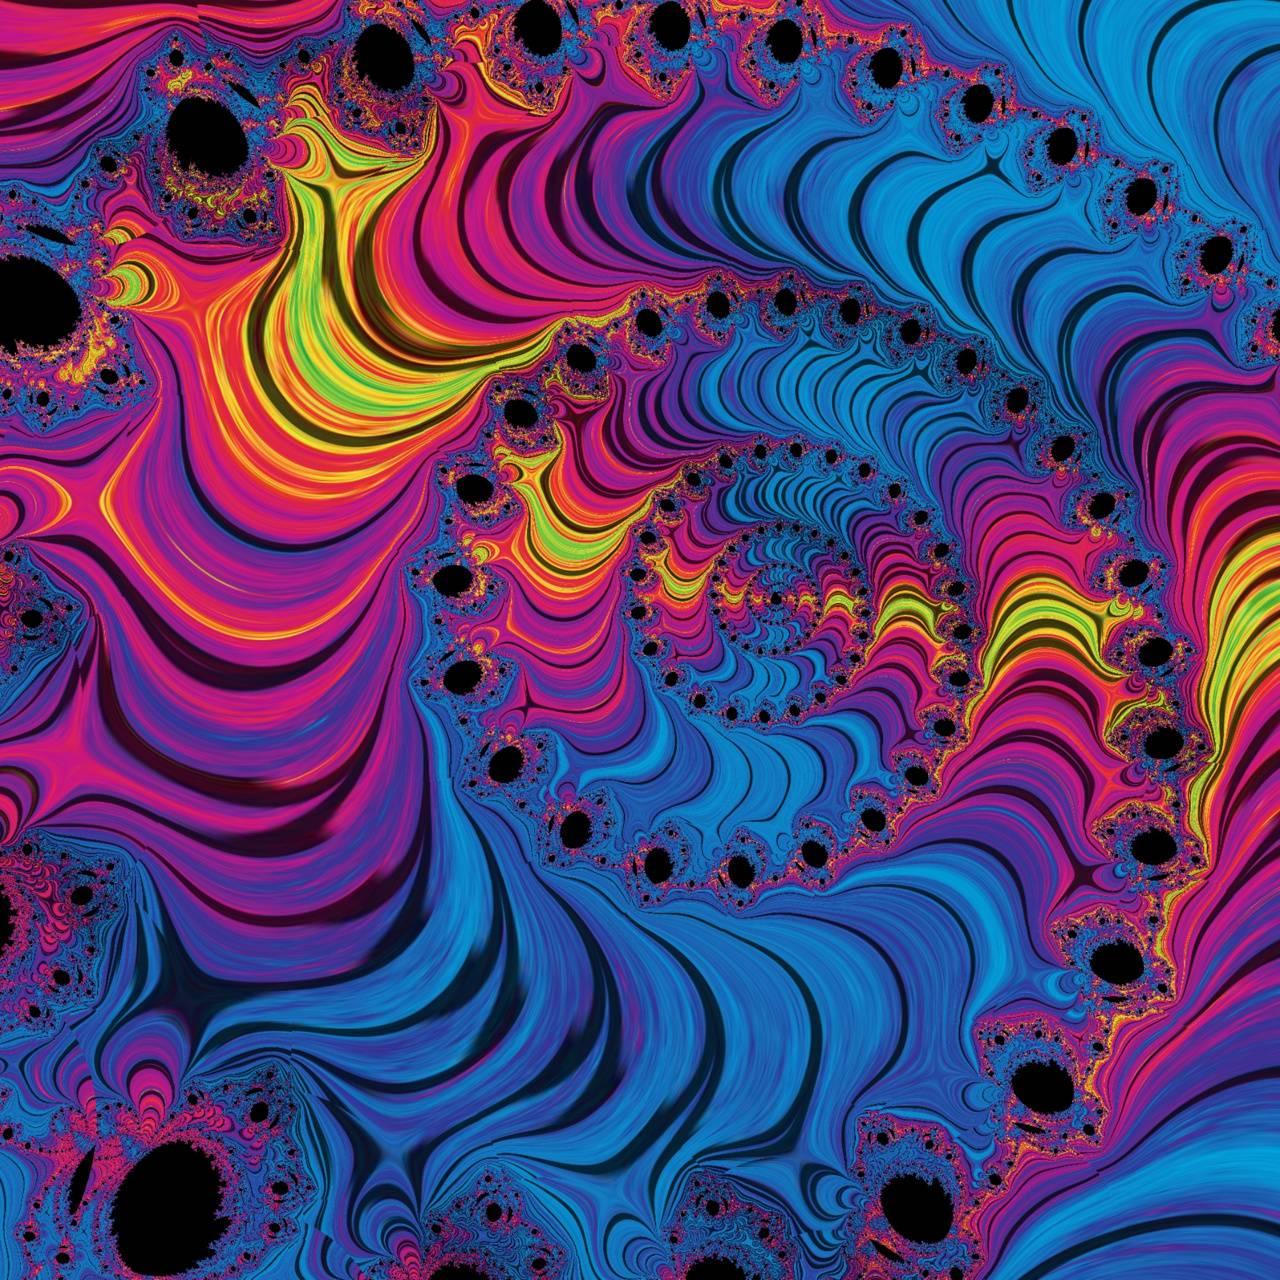 Neon Fractal Spiral